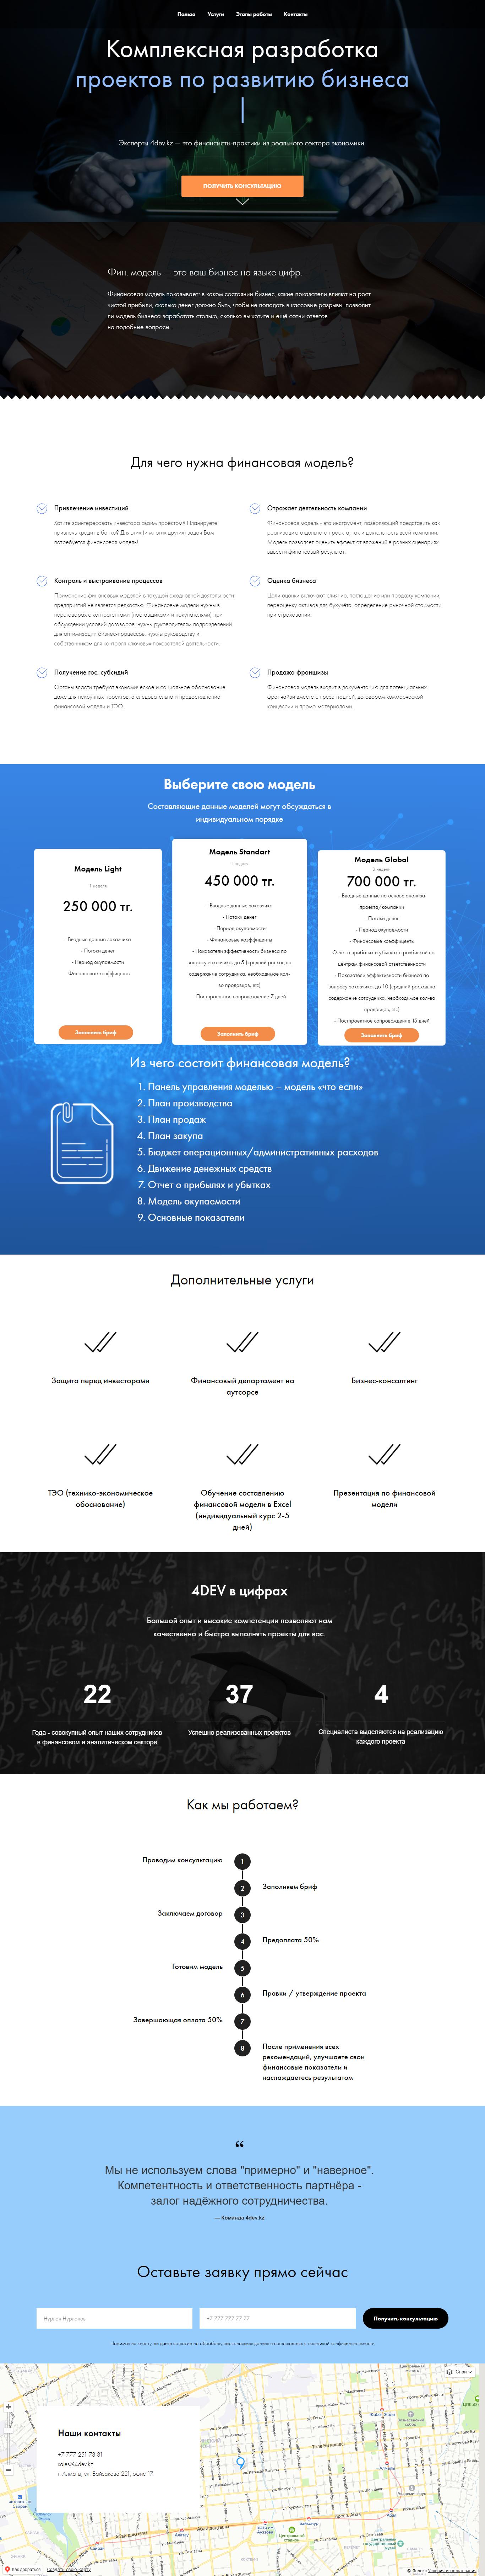 """Работабка сайта для rомплексной разработки проектов по развитию бизнеса """"4dev"""""""